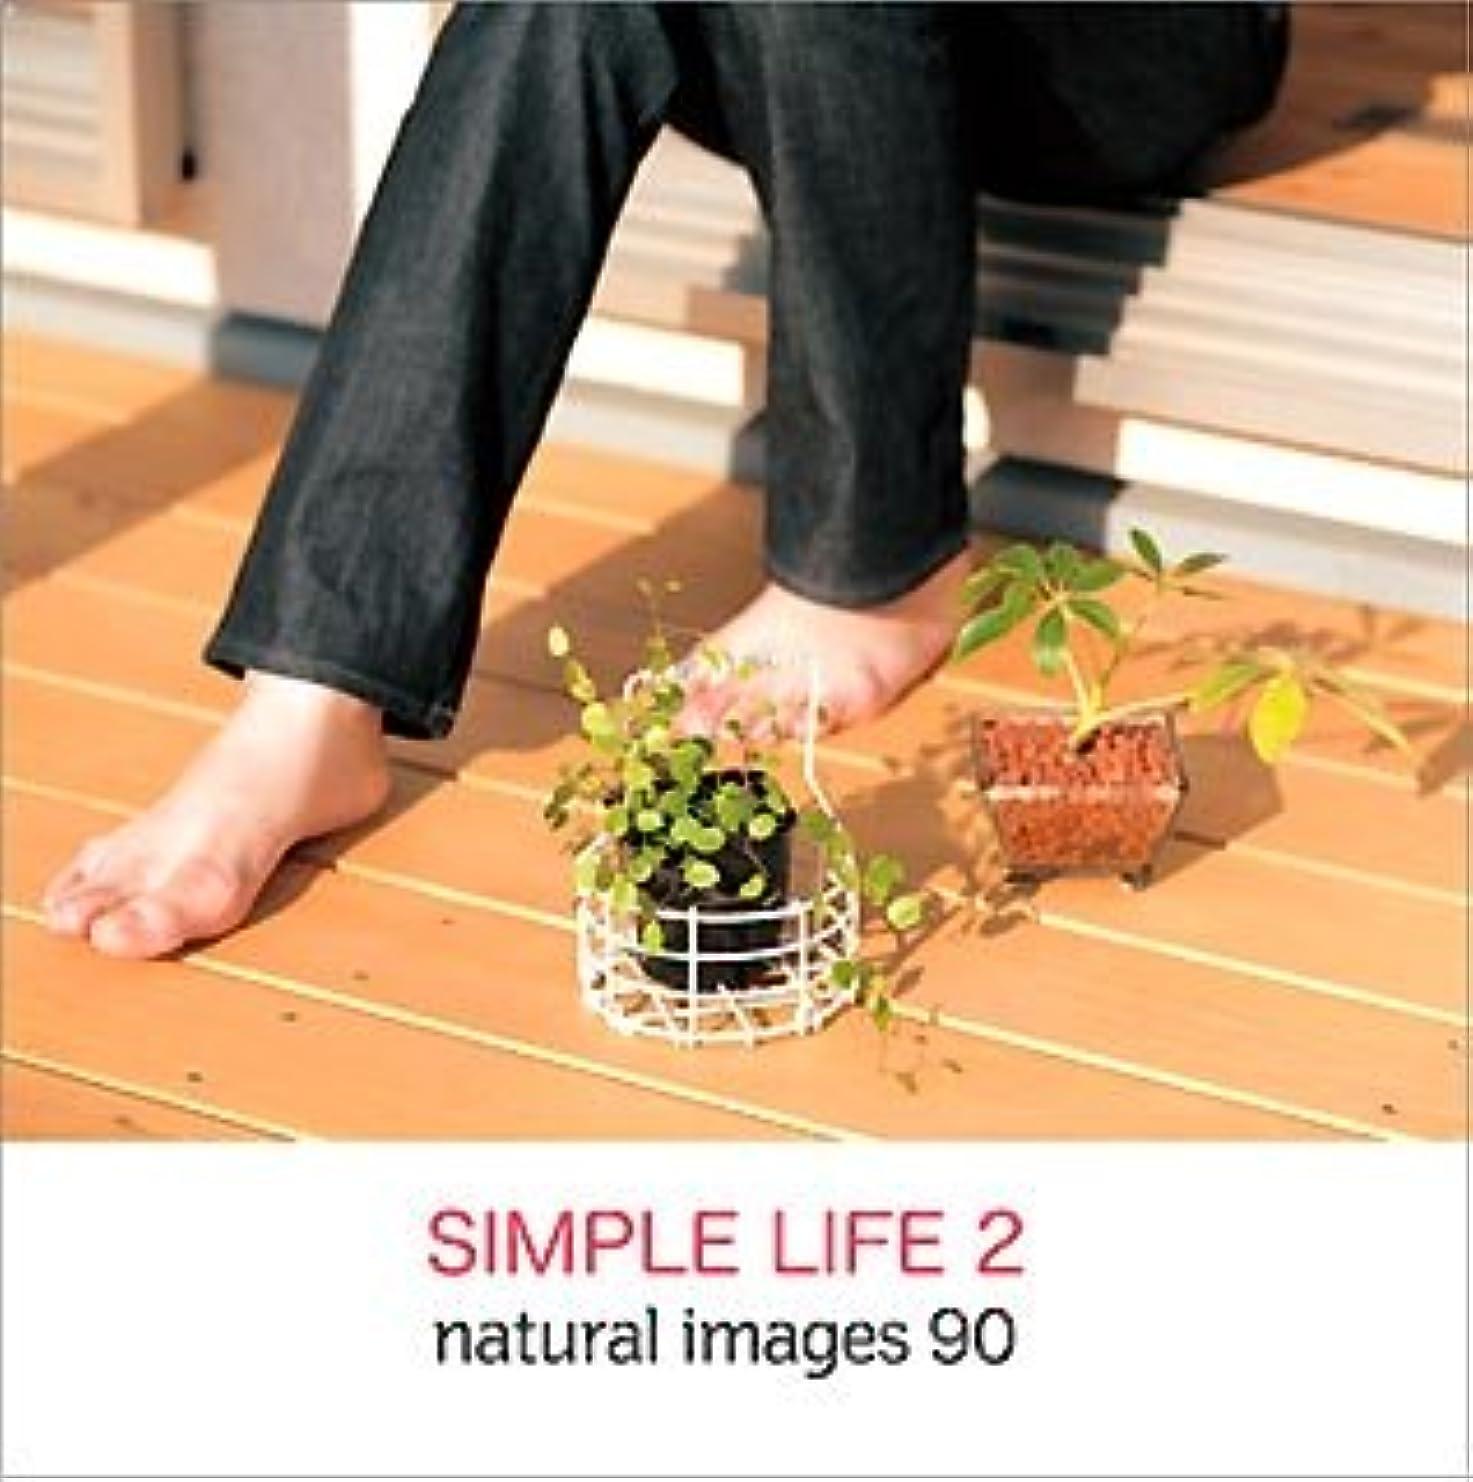 南協力するキルスnatural images Vol.90 SIMPLE LIFE 2